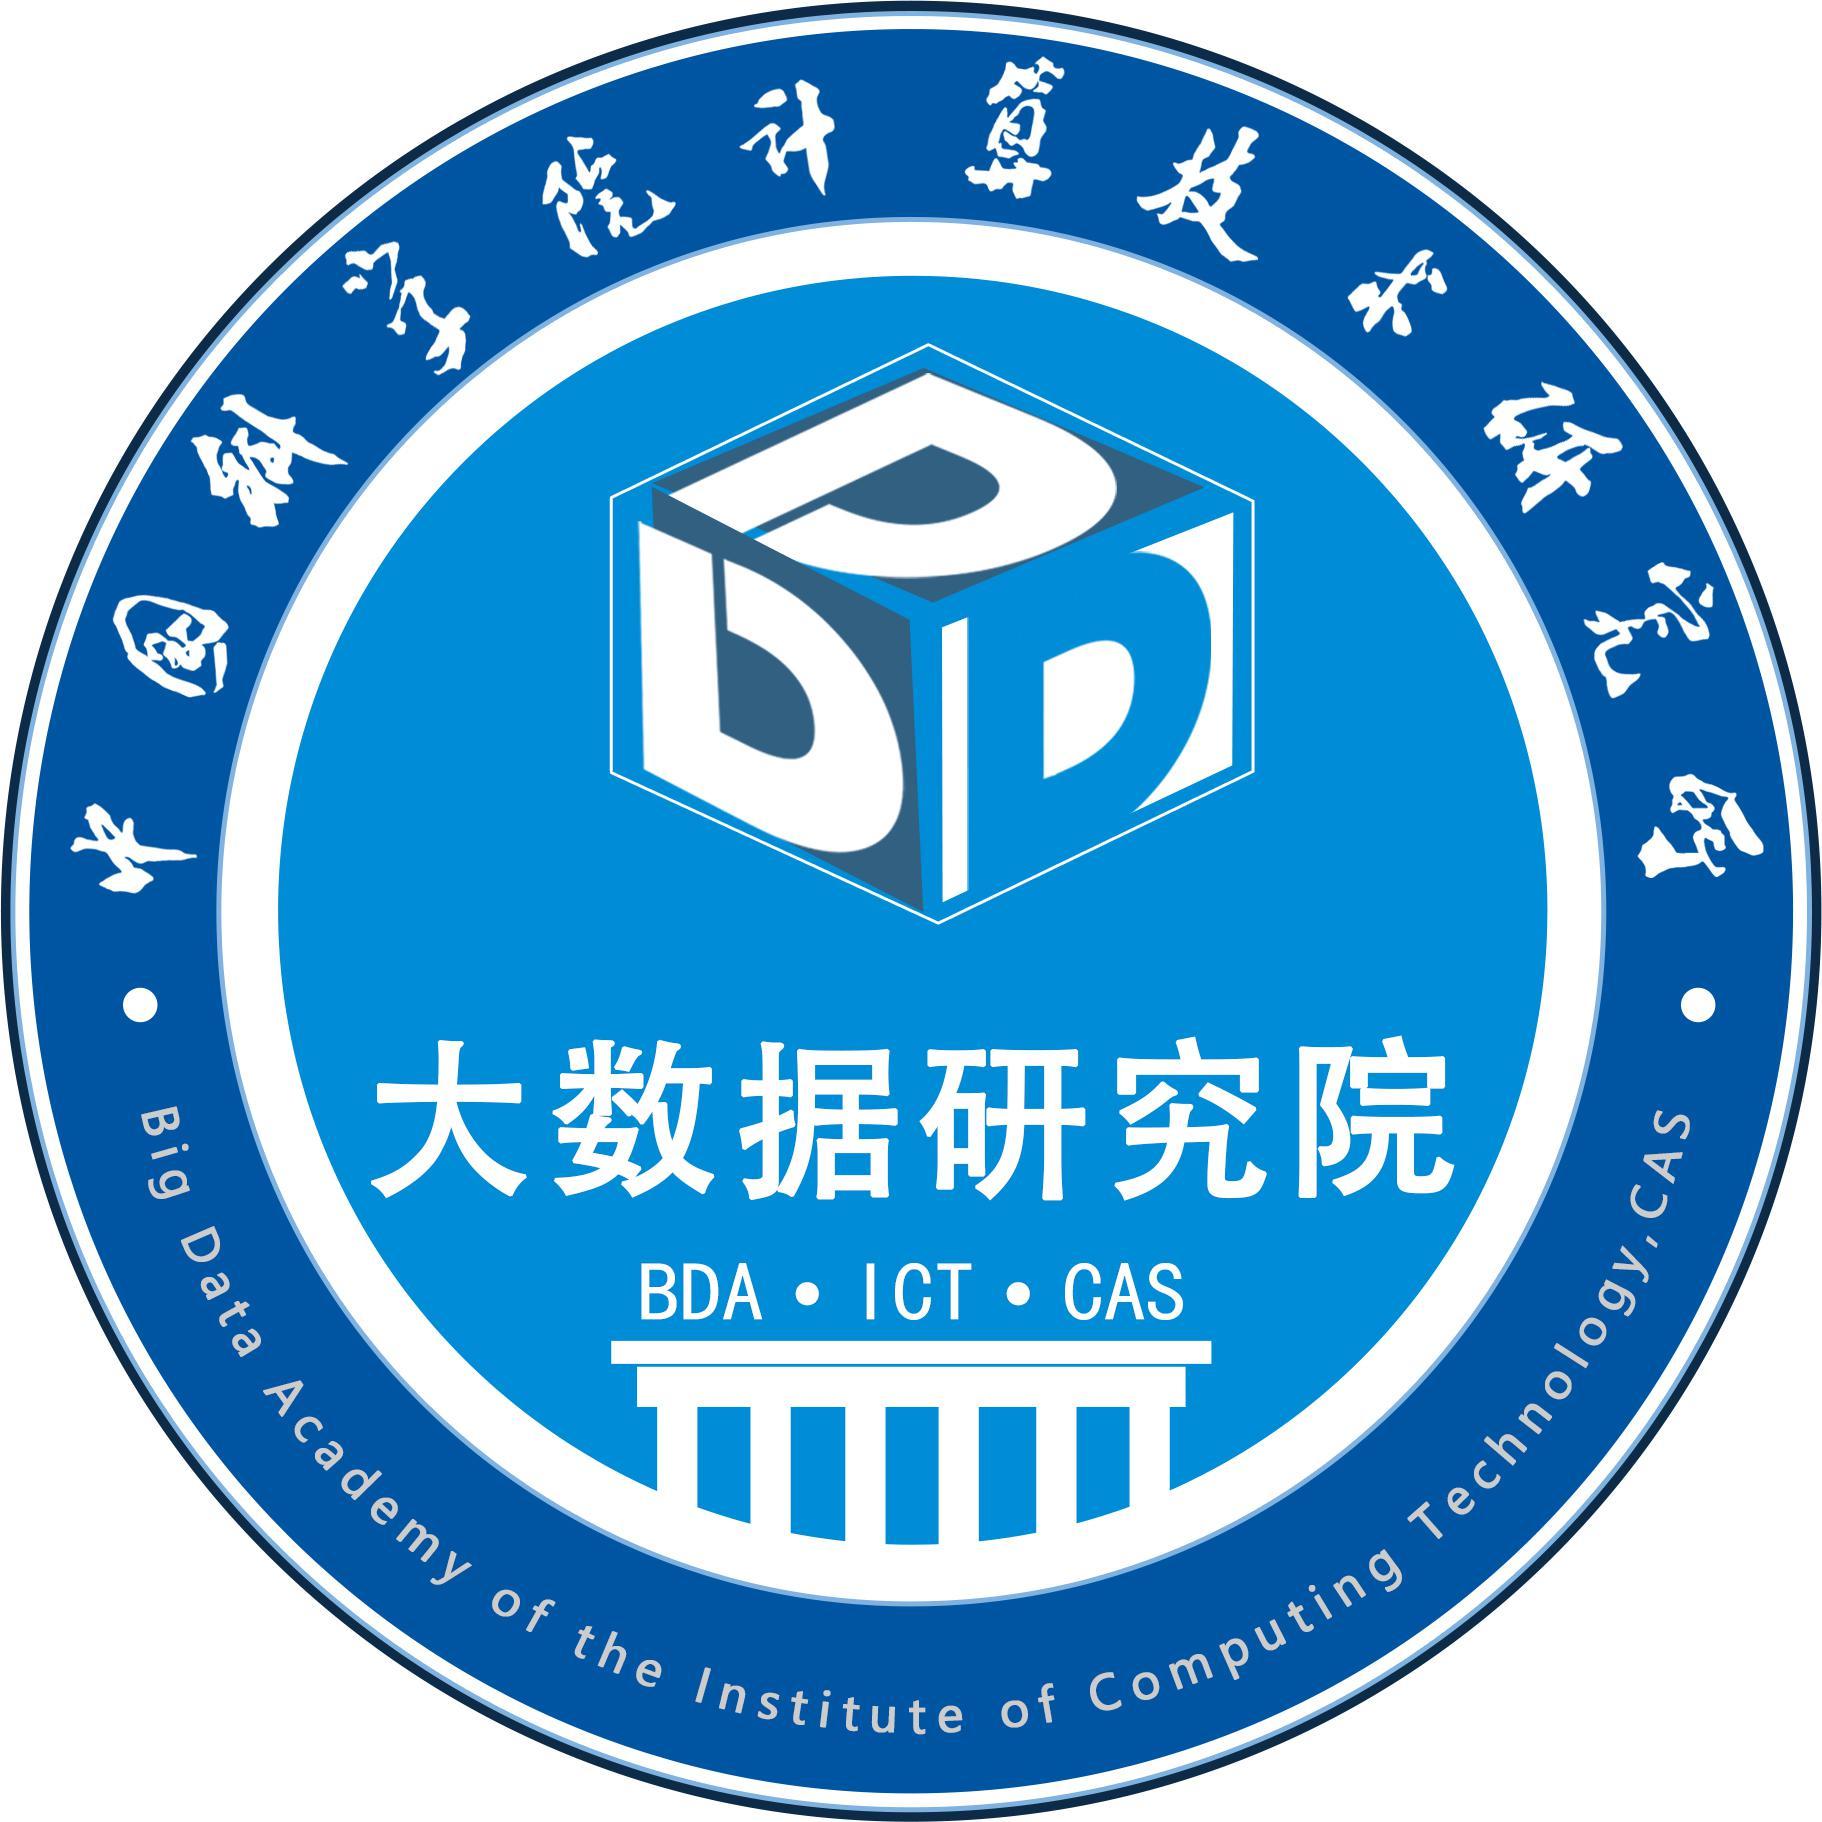 中科院计算技术研究所大数据研究院